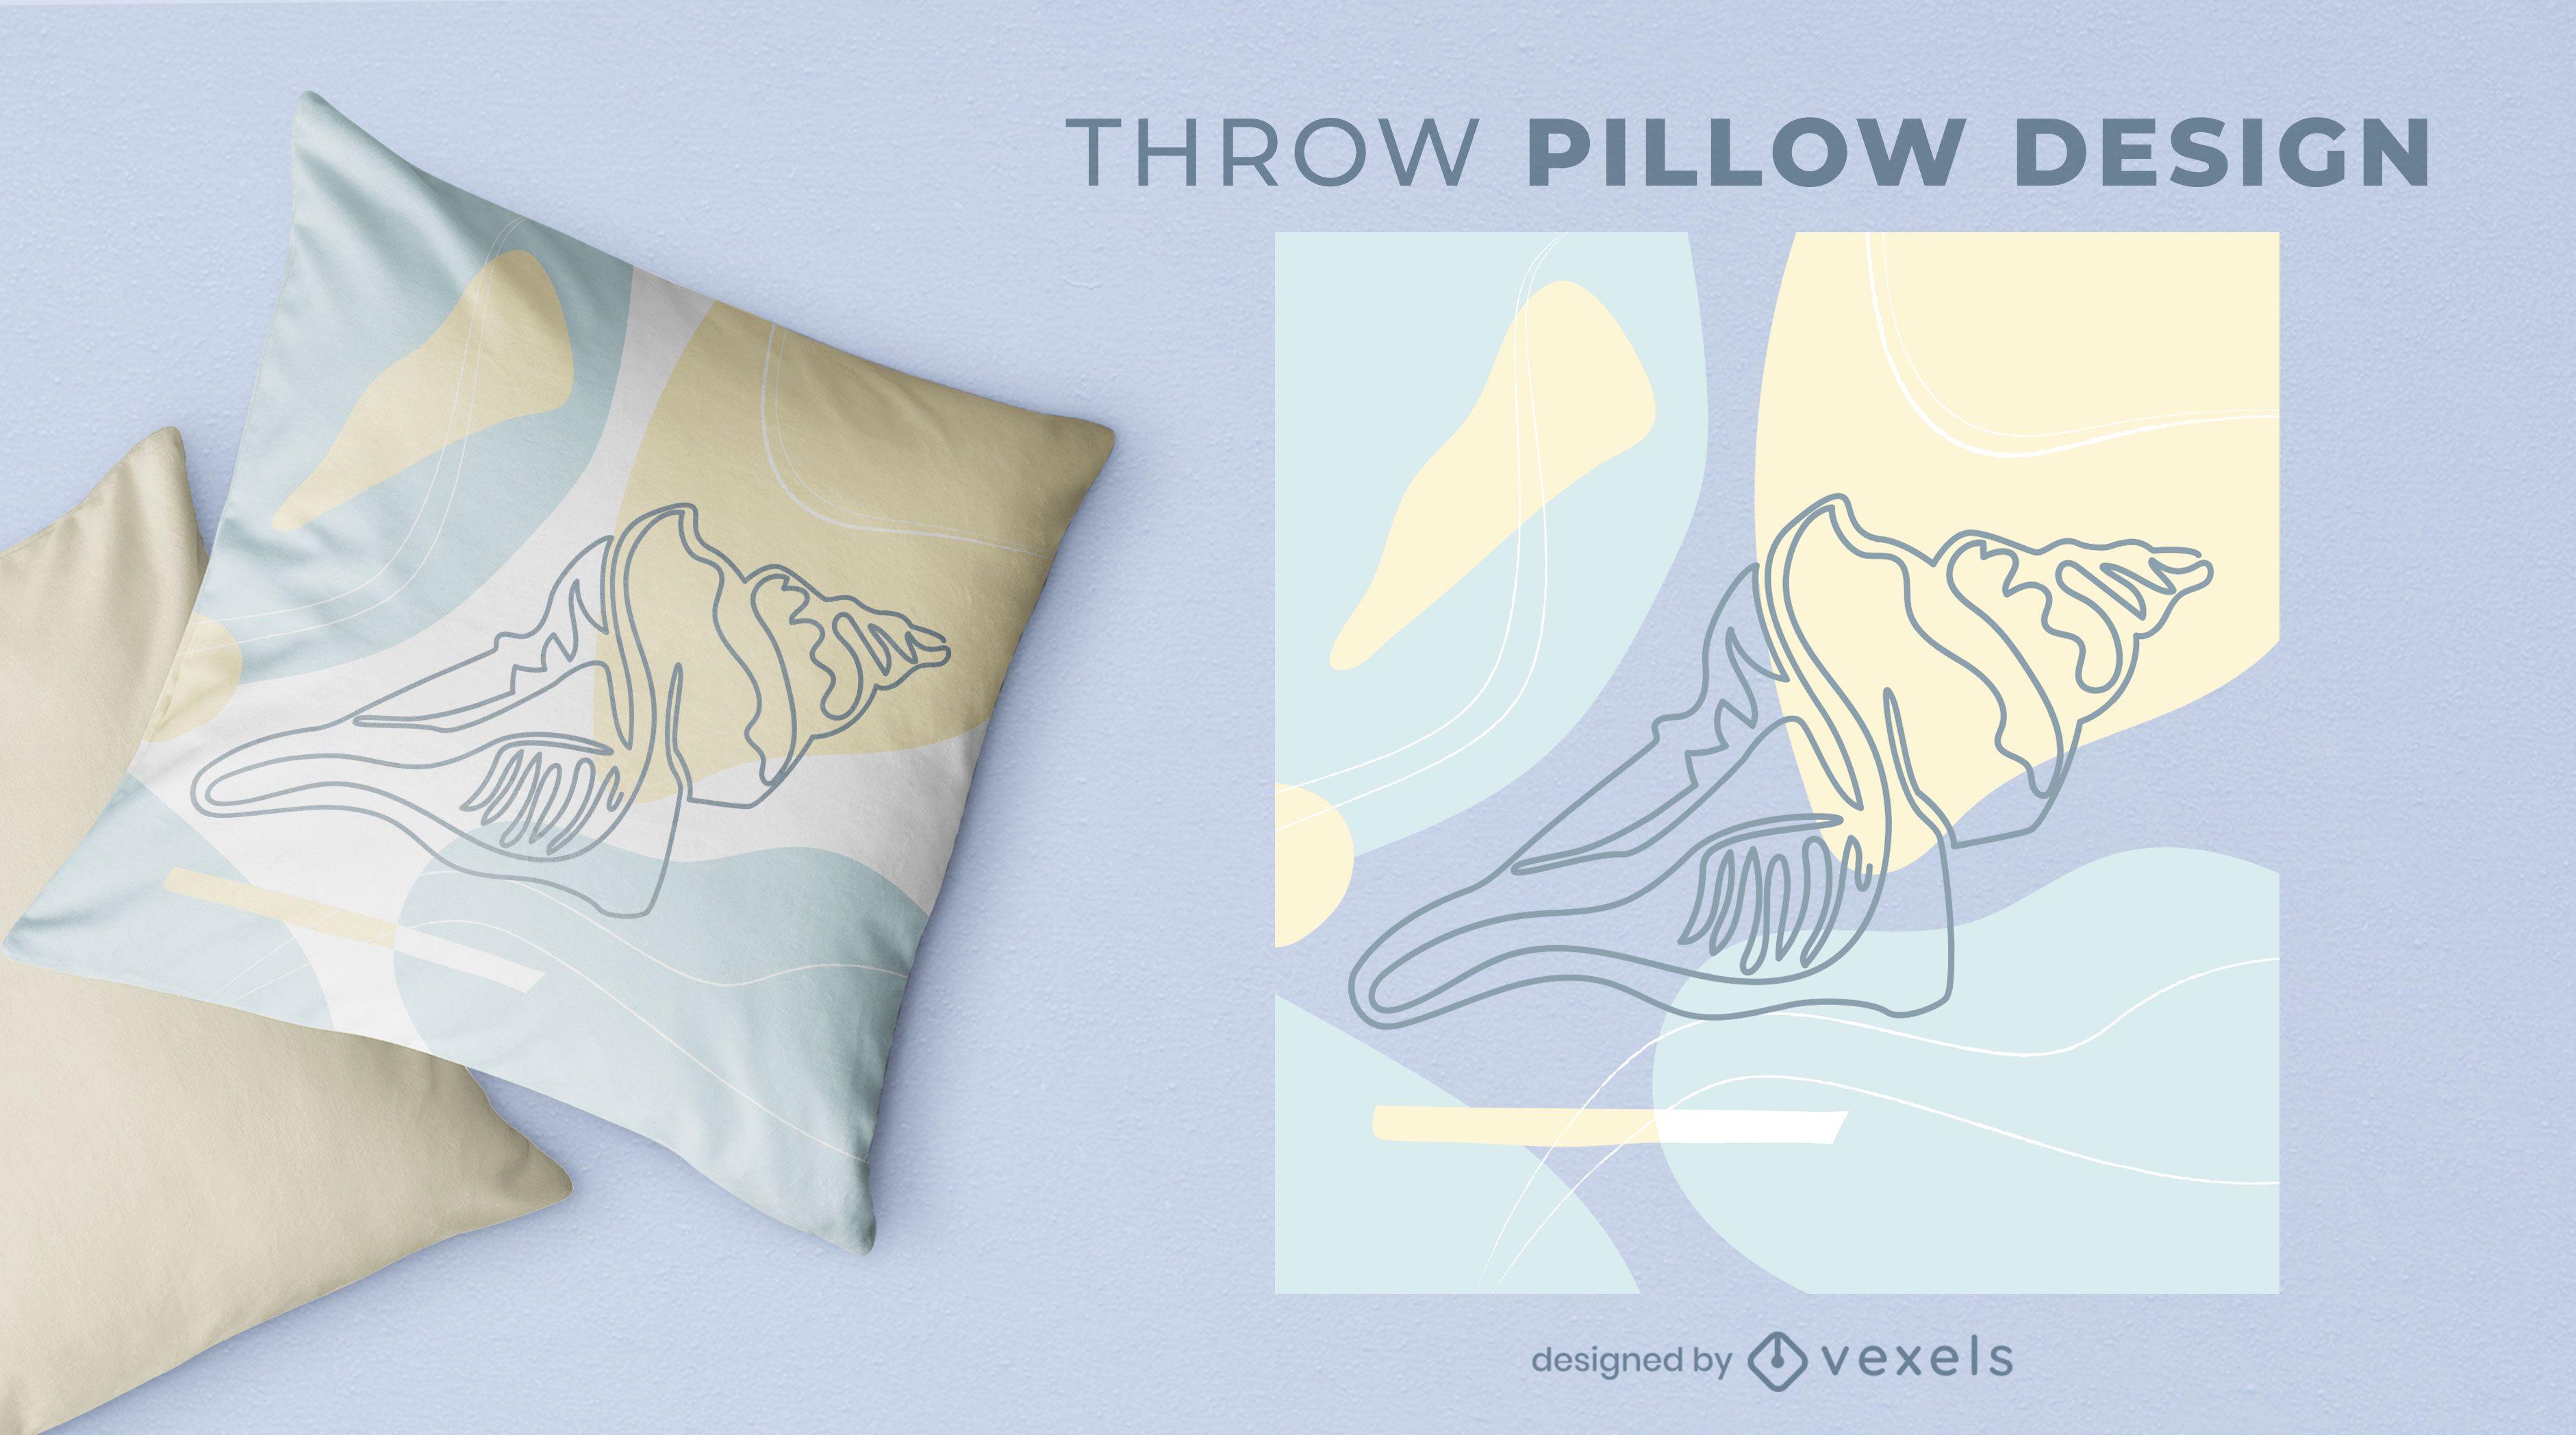 Diseño de almohada de tiro de concha grande